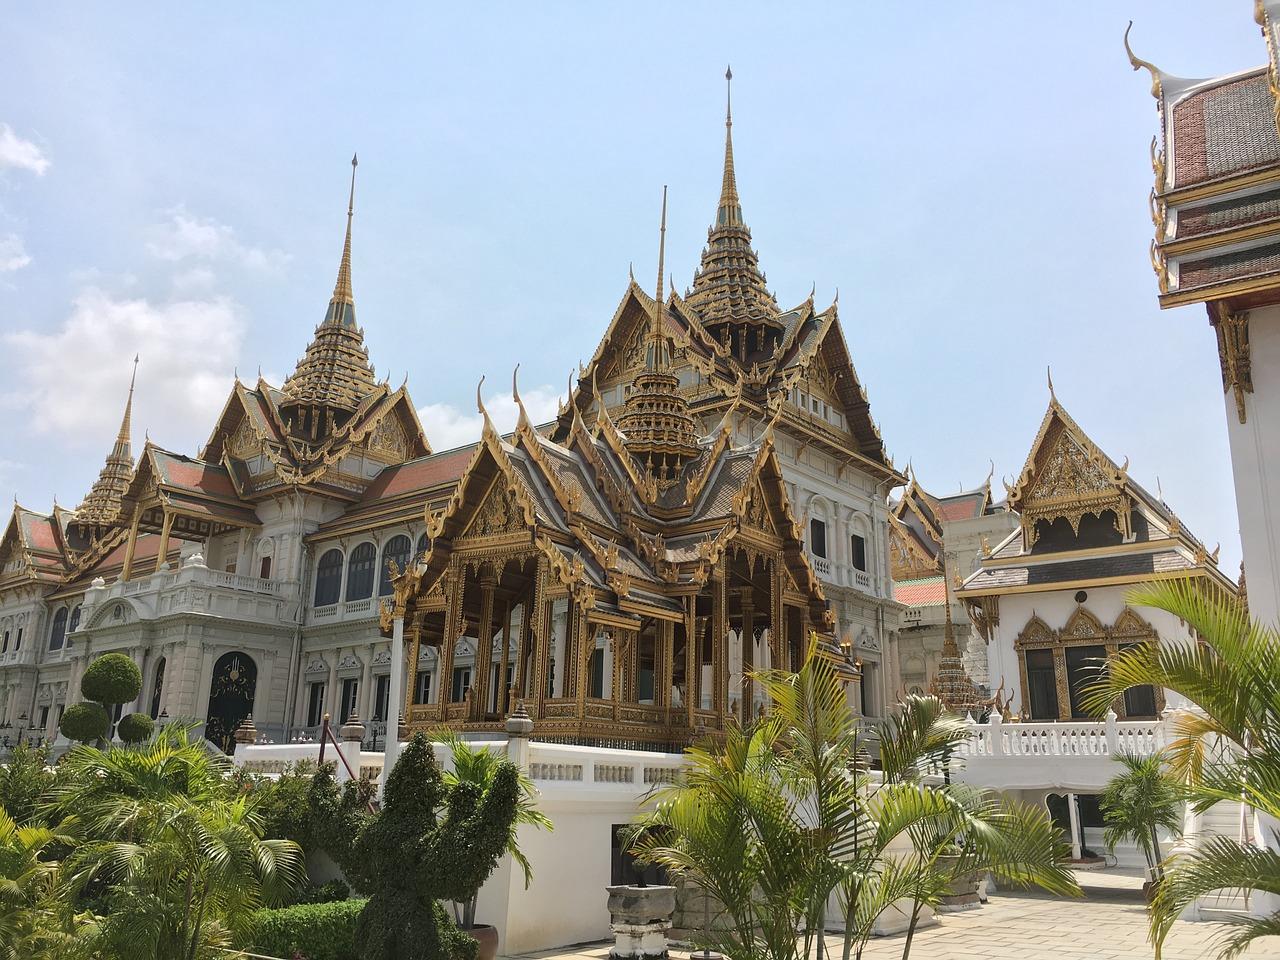 The Grand Palace (Royal Palace) in Bangkok